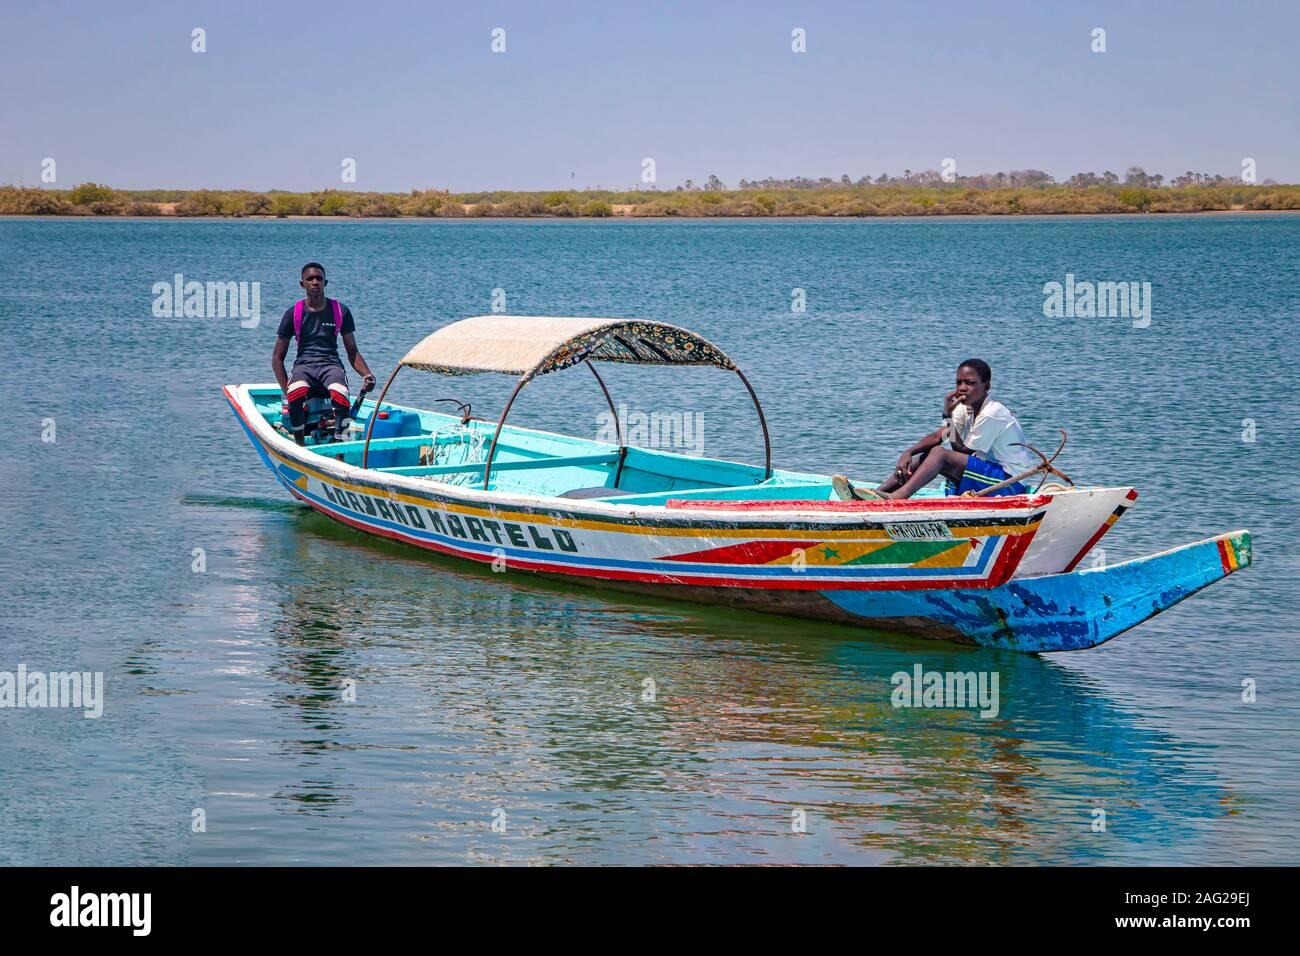 Lagune de Somone, Sénégal- le 26 avril 2019: deux garçons sur un voile coloré en bois typique du canot dans le Sénégal, l'Afrique. Banque D'Images